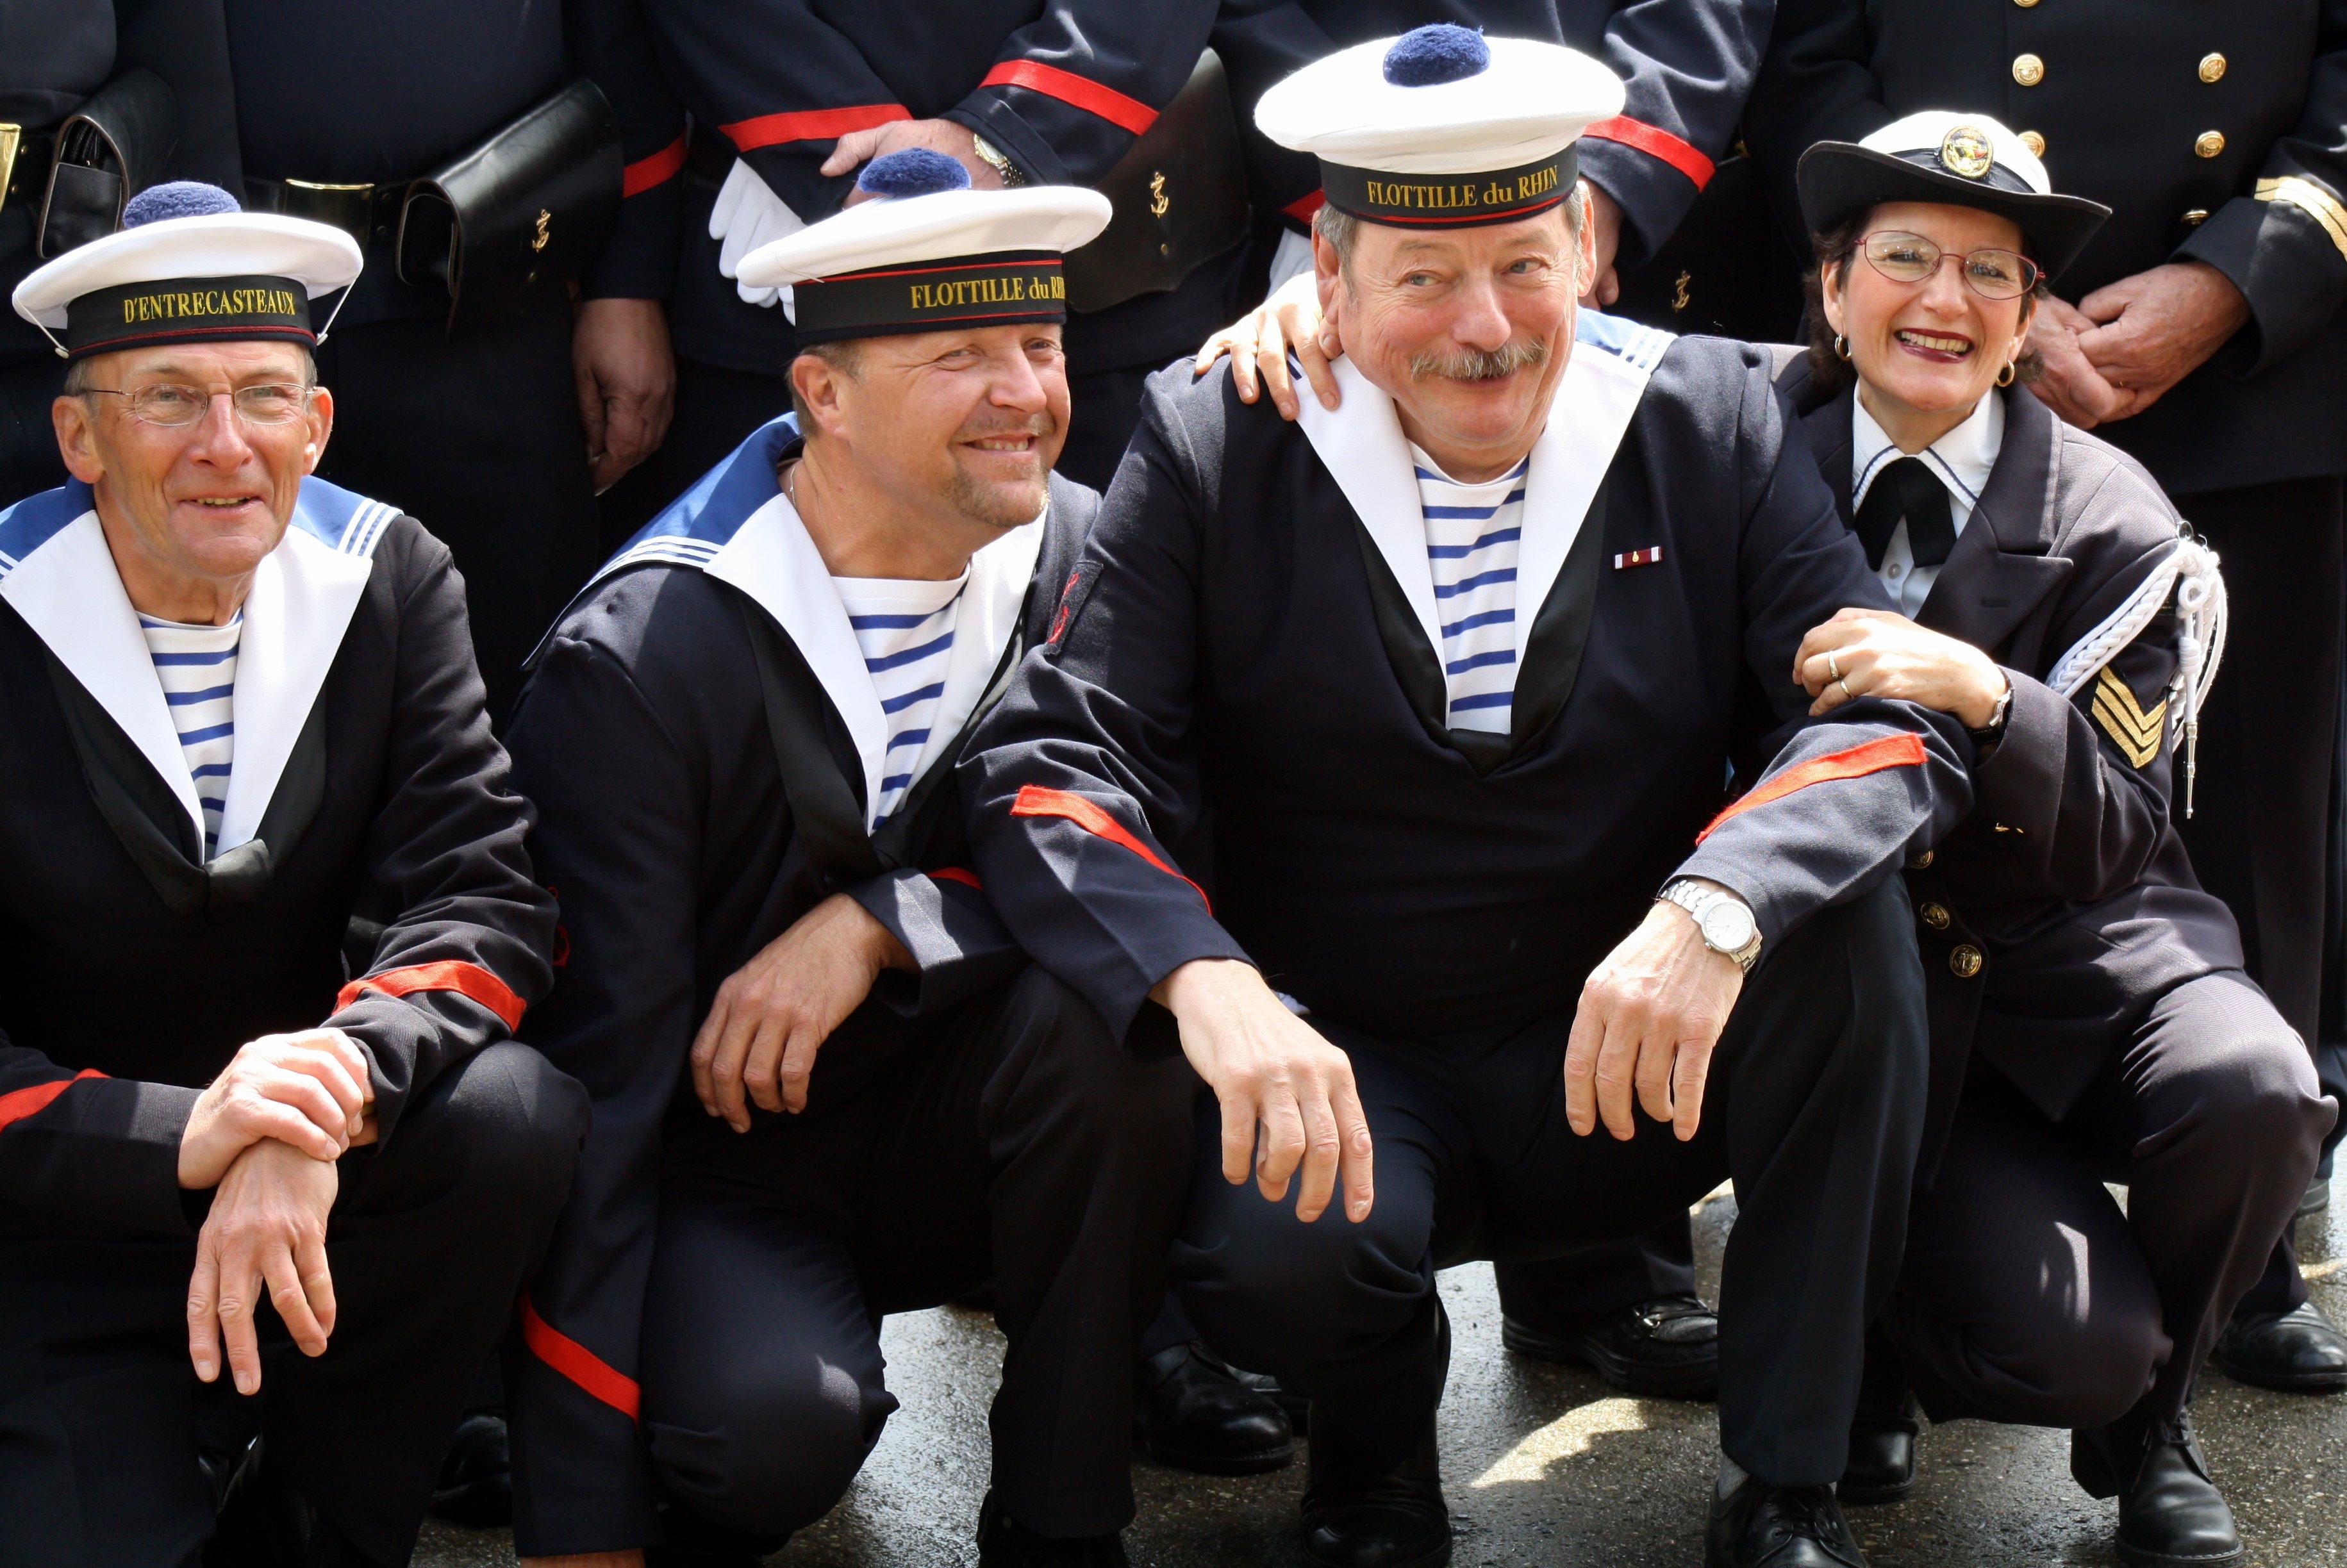 Fastes des Cadets de Marine à Bruxelles le 18/06/2011 - Page 18 1106210914391095838357684